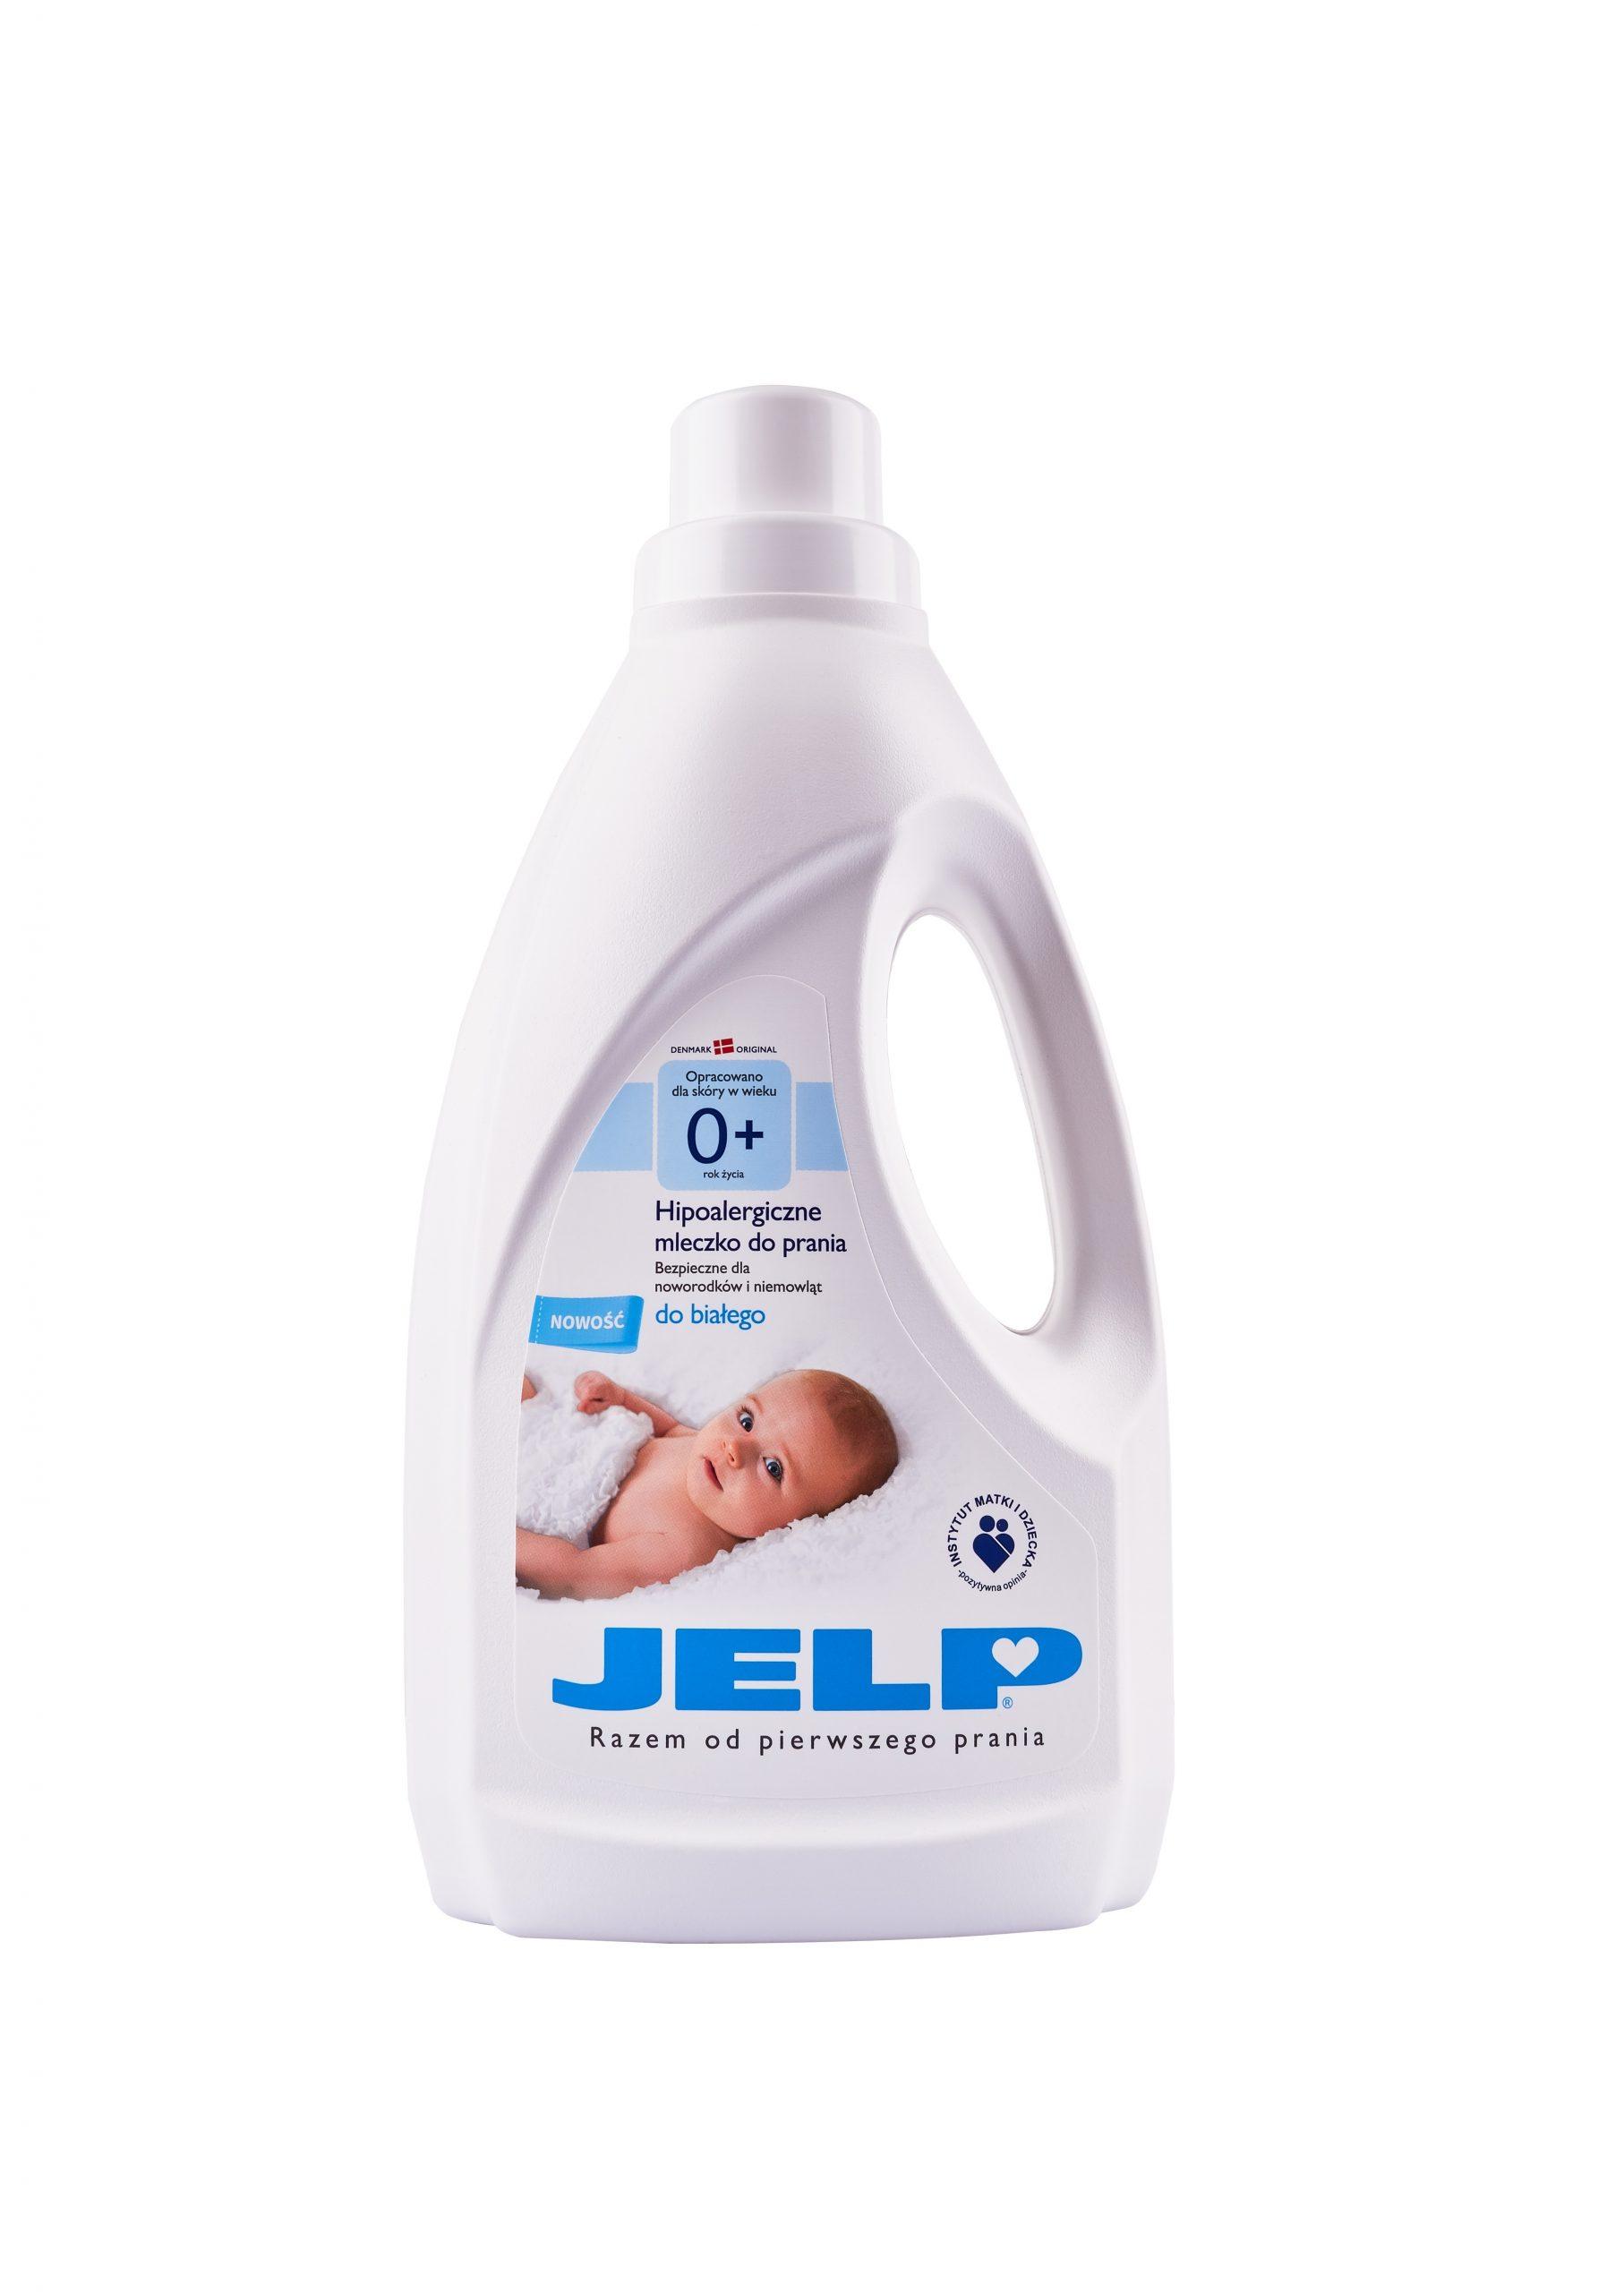 JELP 0+ hipoalergiczne mleczko do bialego 1,5 L